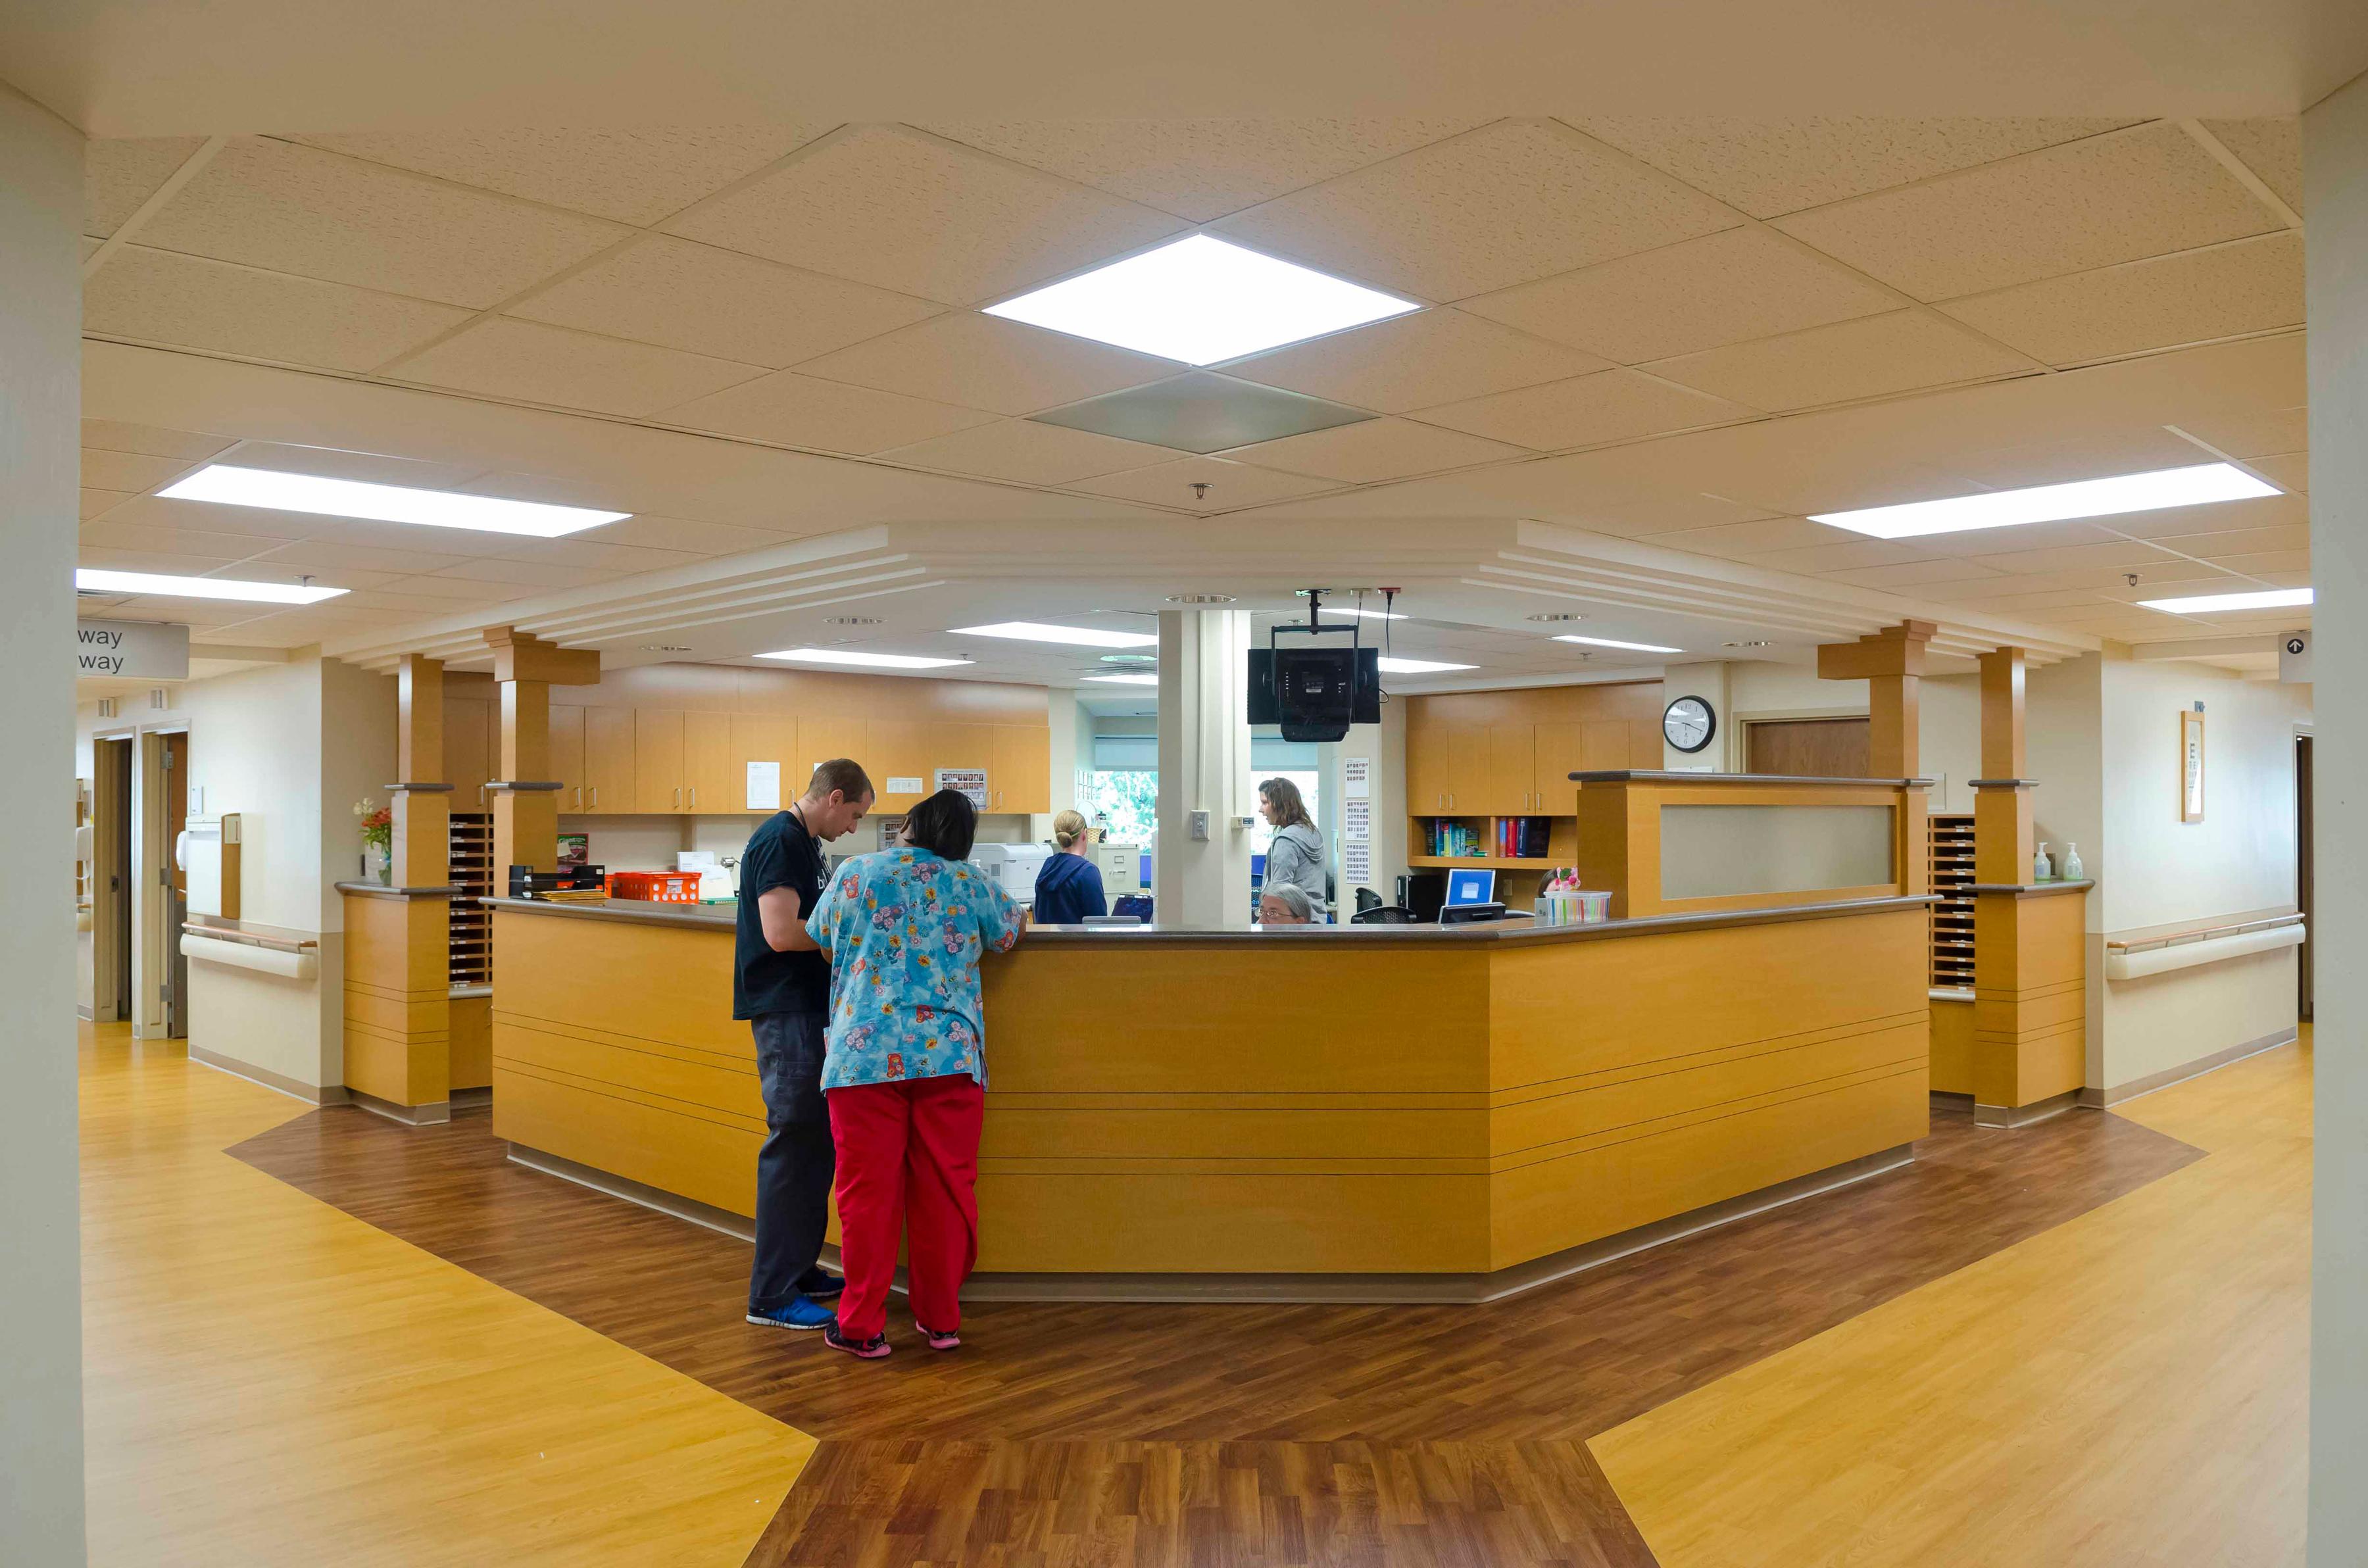 Broadlawns Medical Center image 2